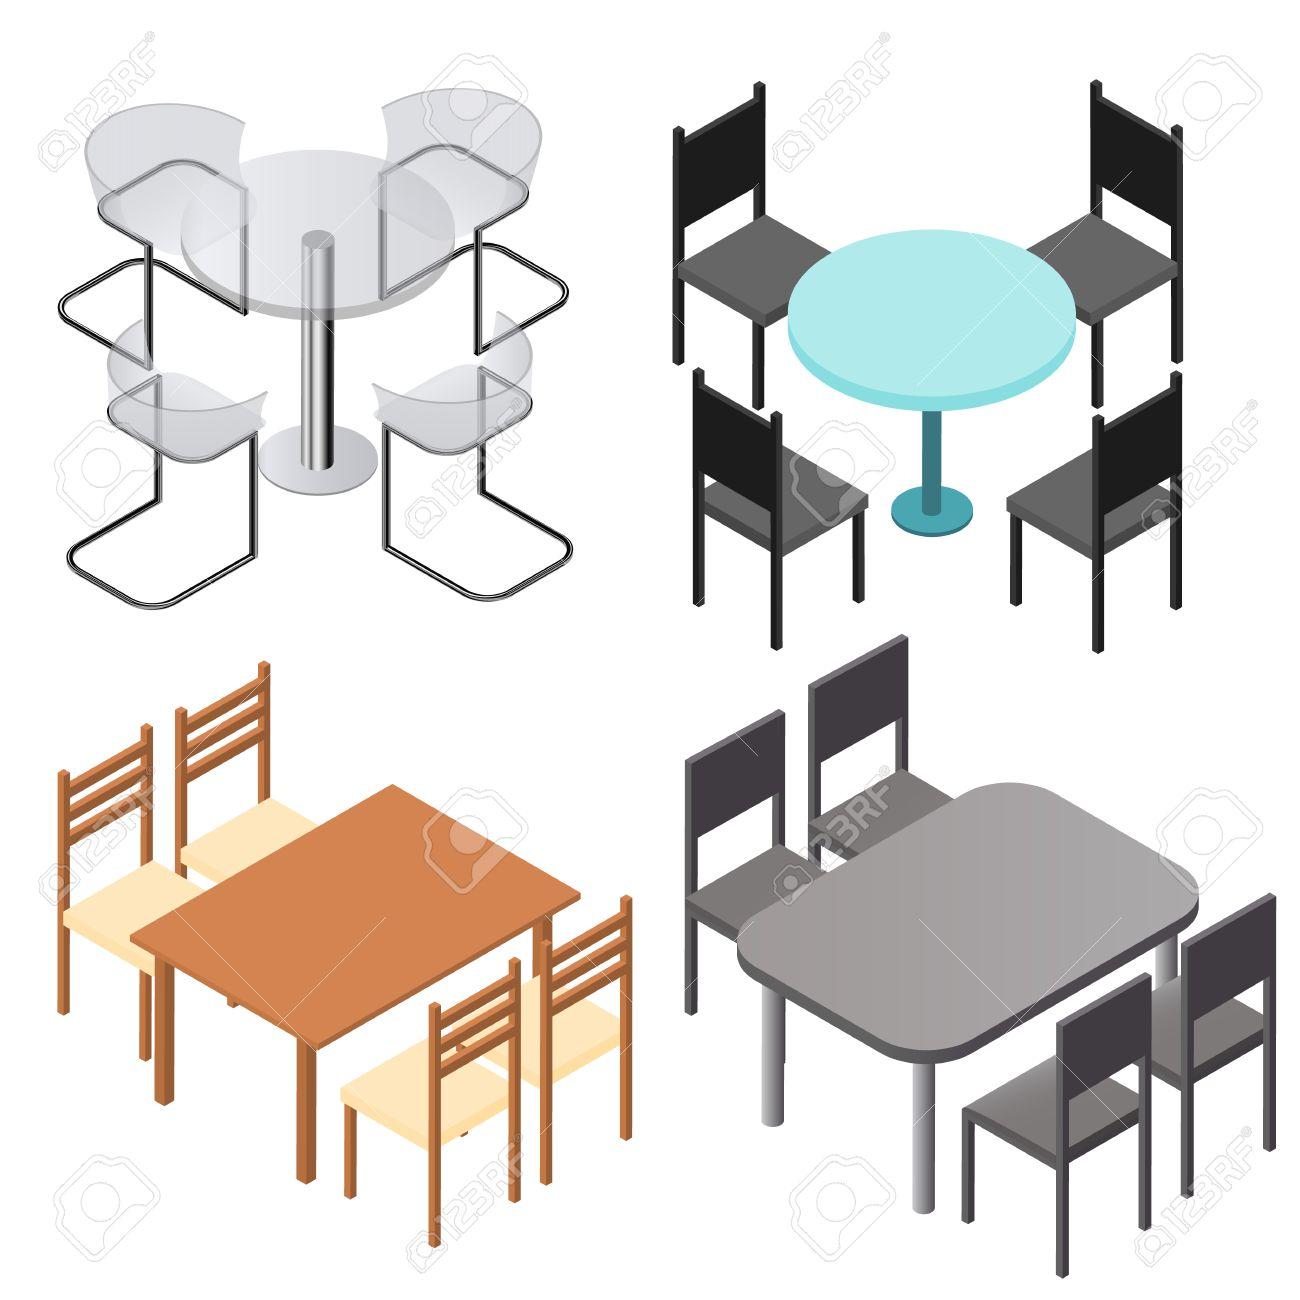 Conjunto De Sillas Y Mesas Y Isometrica Plana Productos De Madera - Diseo-cafeterias-modernas